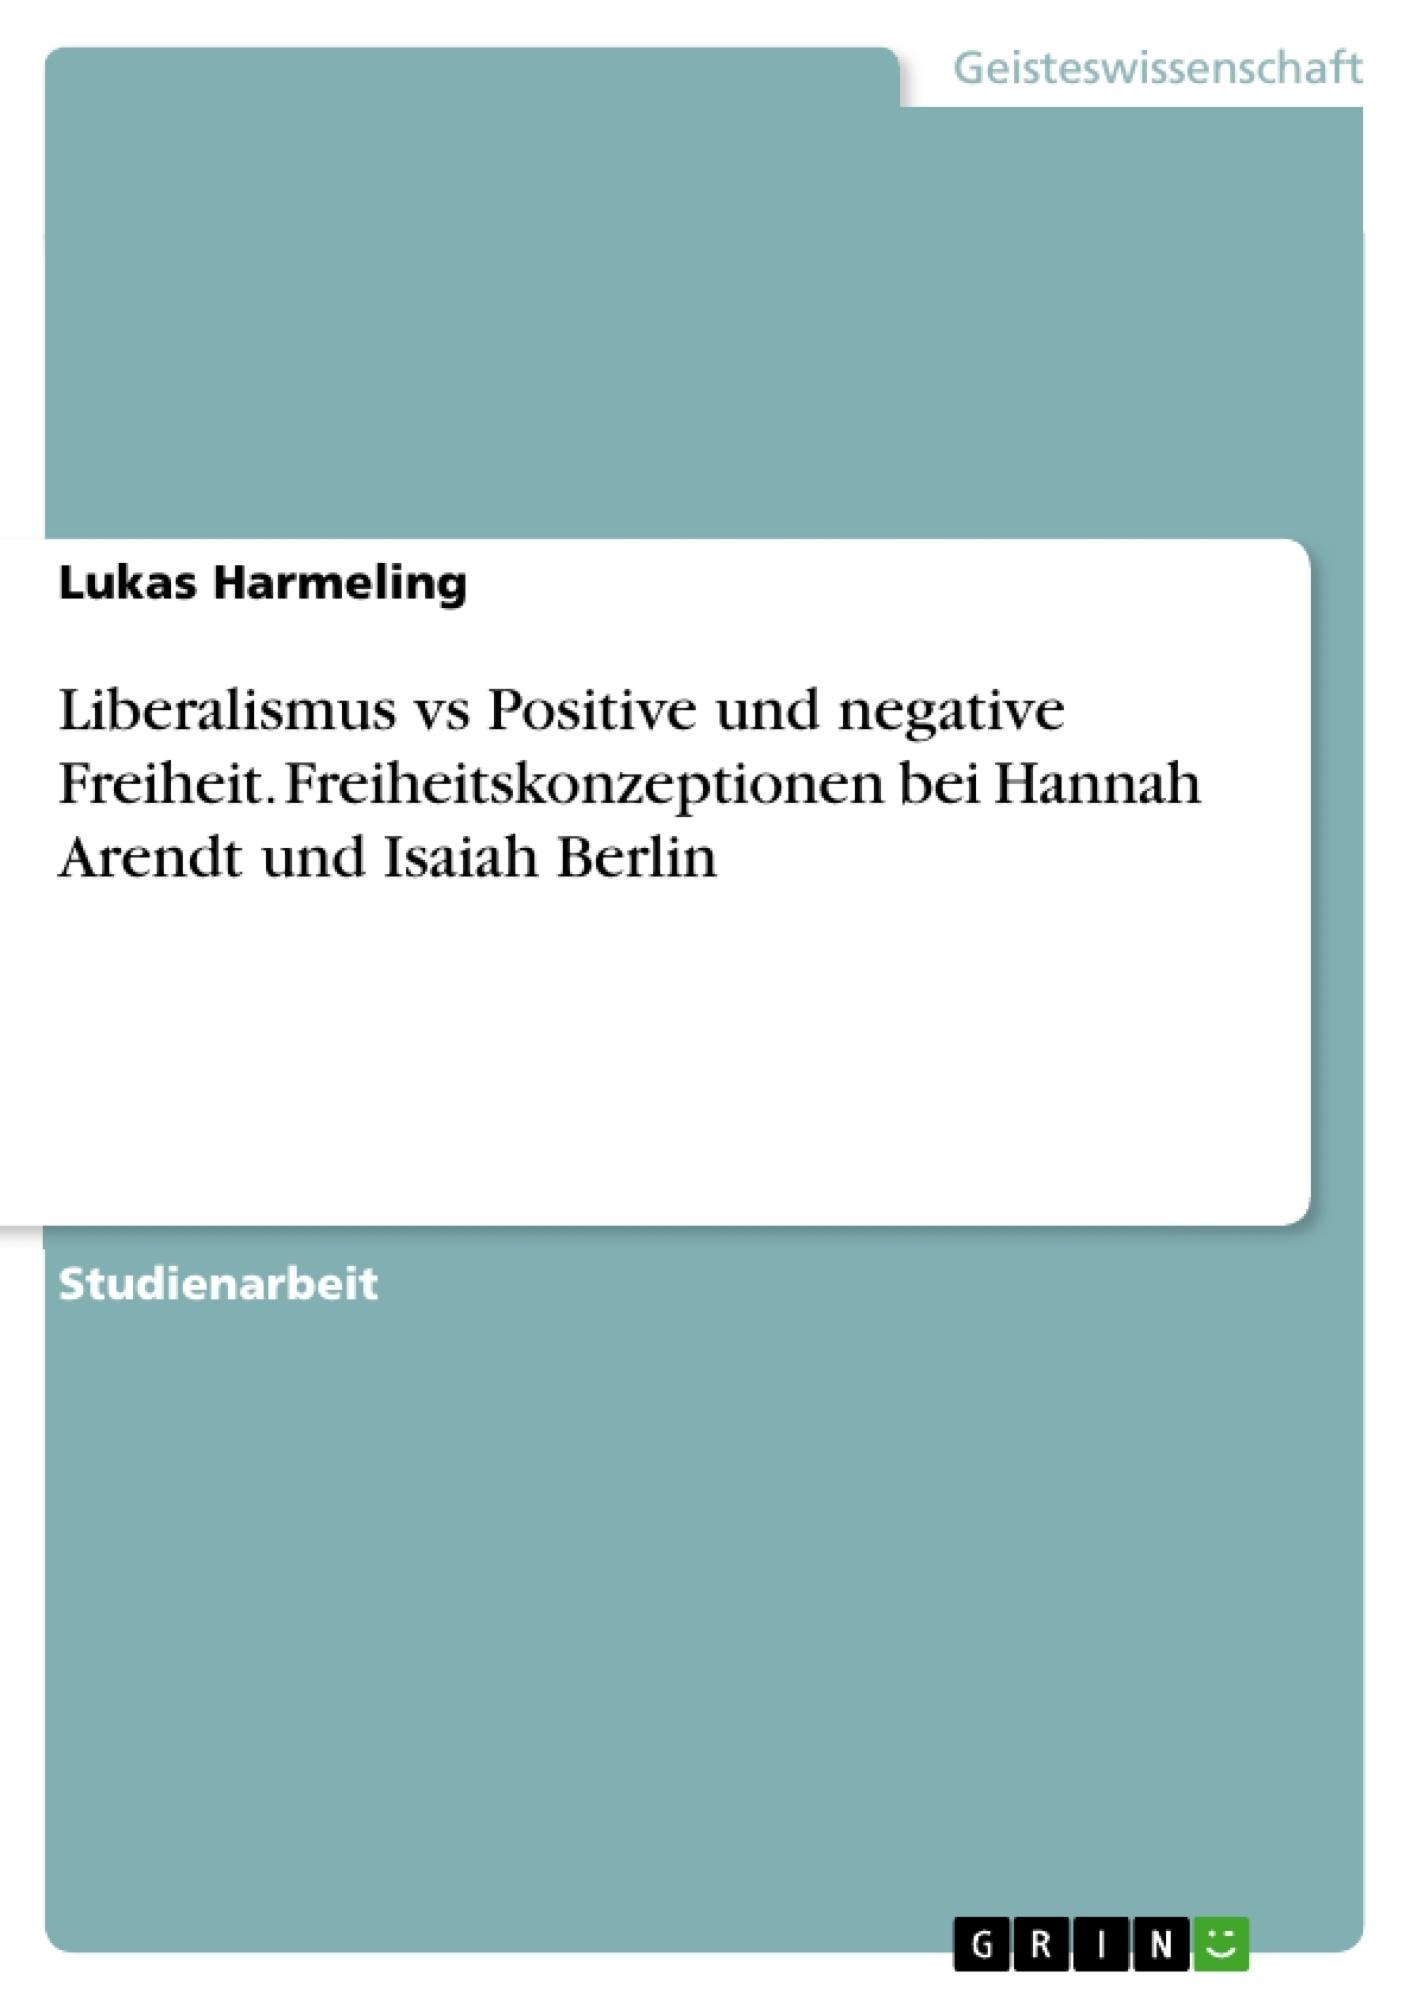 Titel: Liberalismus vs Positive und negative Freiheit. Freiheitskonzeptionen bei Hannah Arendt und Isaiah Berlin